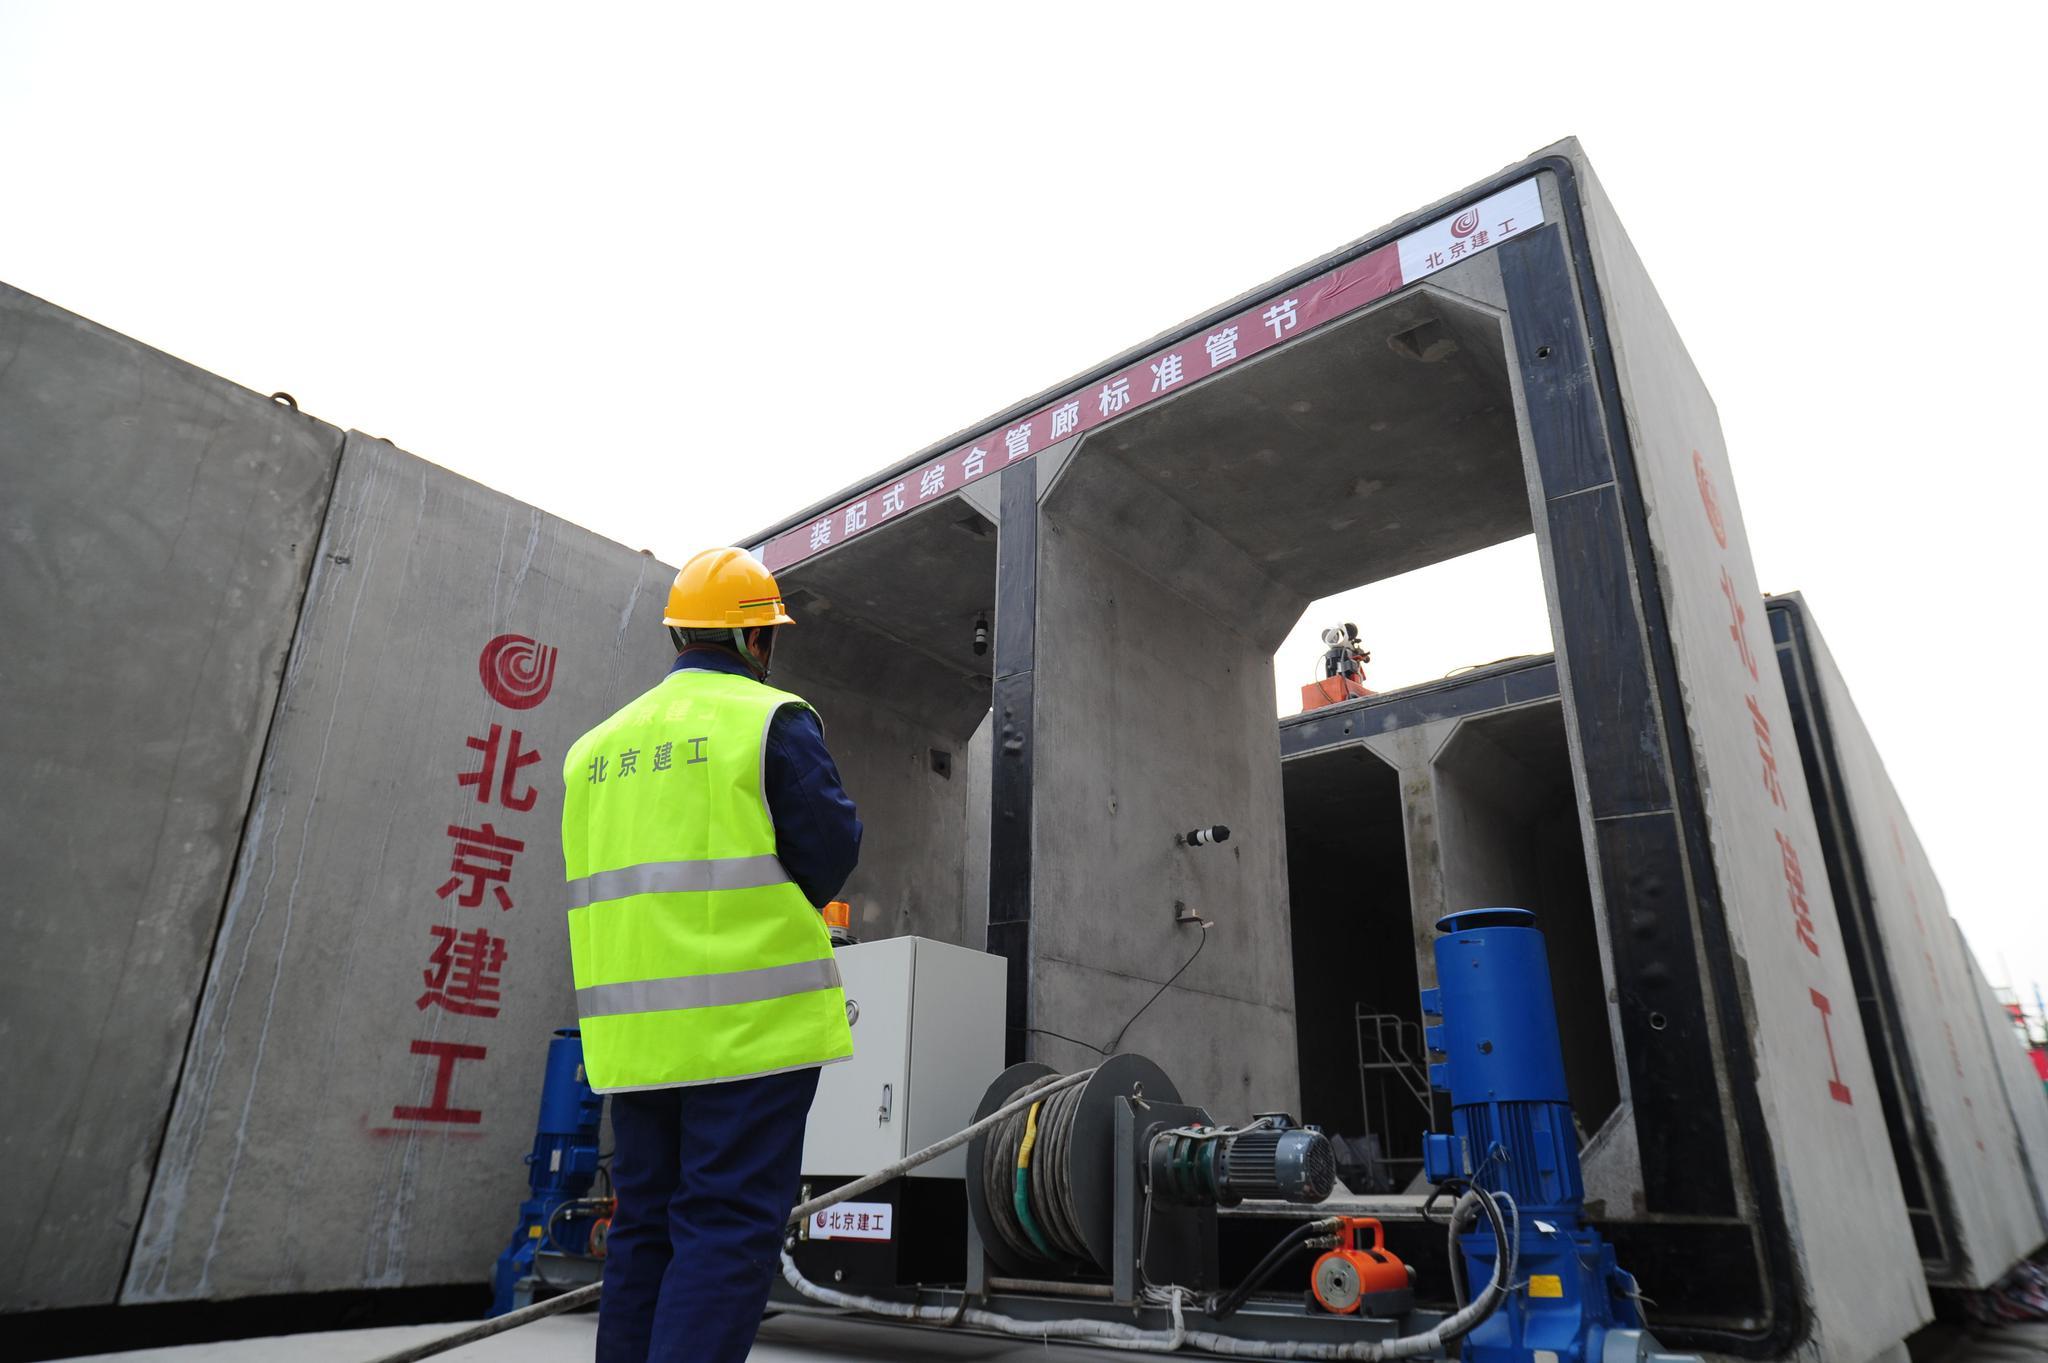 通州文旅区20条综合管廊十月完工,将服务于环球度假区